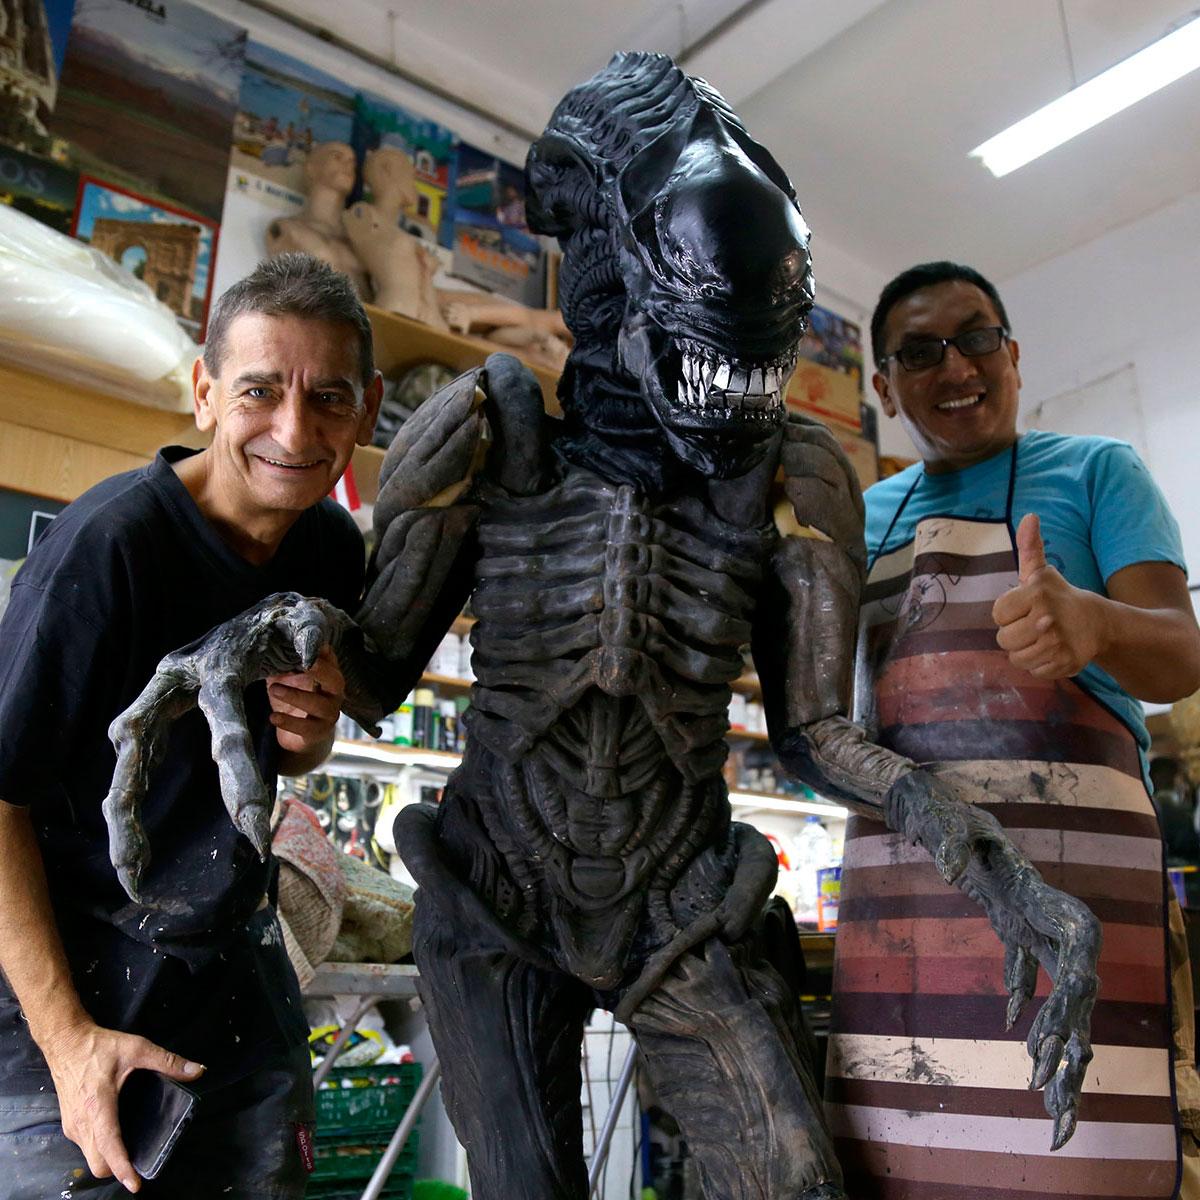 The best Alien Cosplay Costume for Halloween 2018